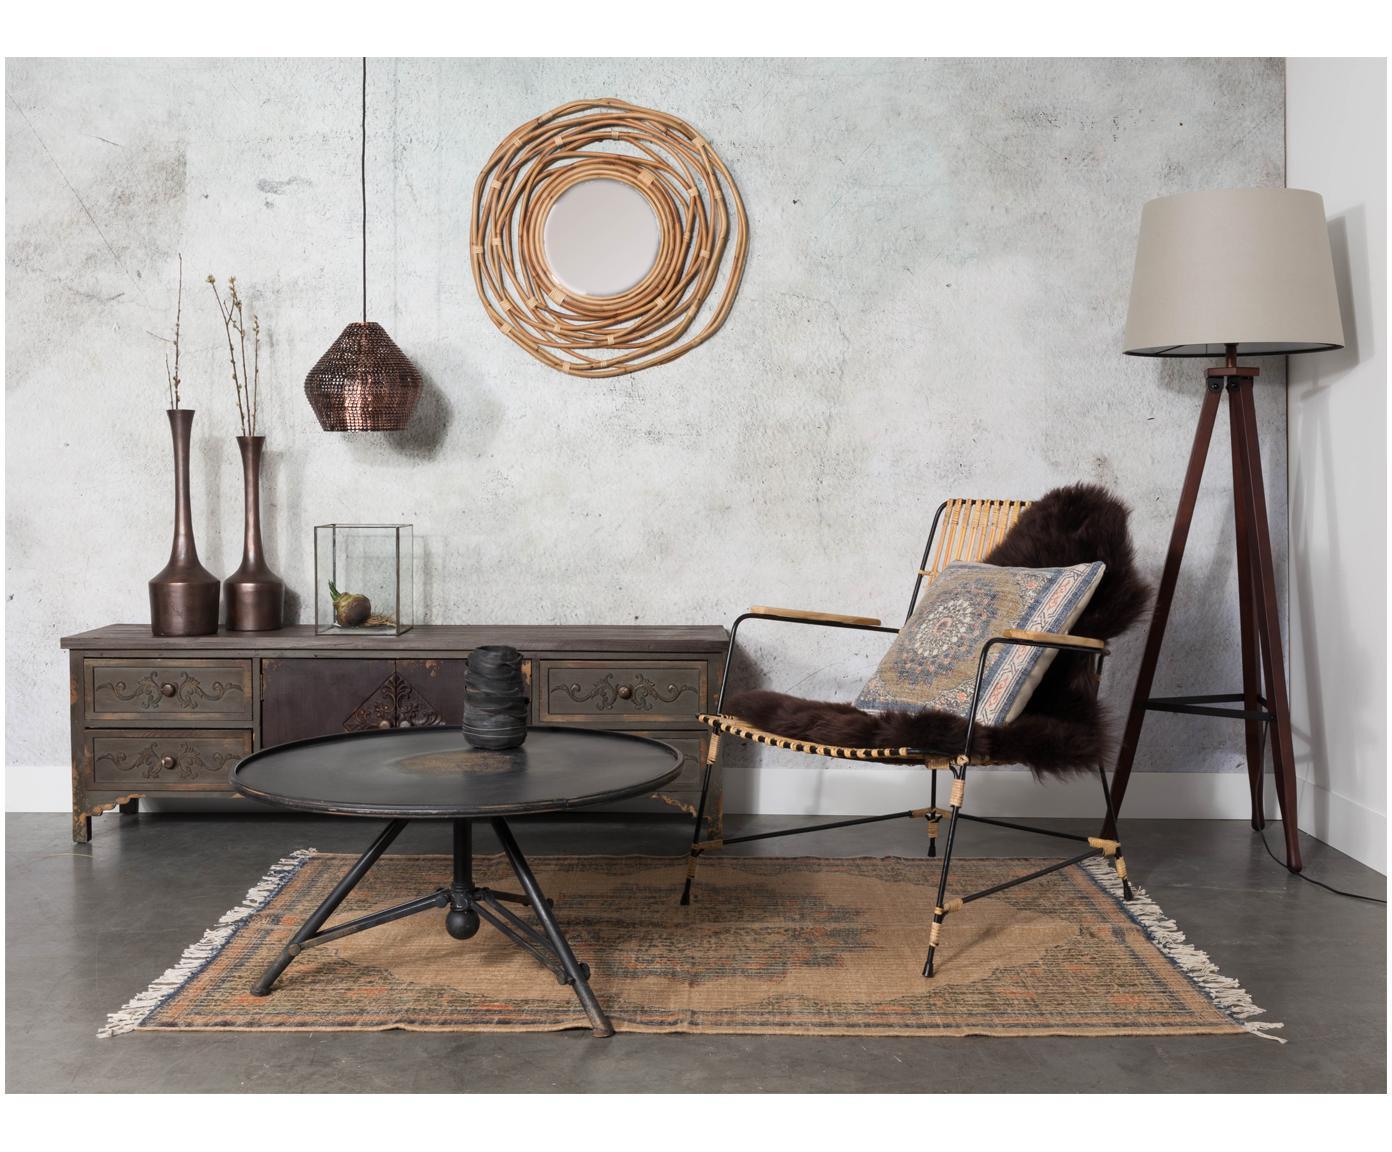 Stolik kawowy z żelaza Brok, Żelazo, malowane proszkowo, antyczne wykończenie, Czarny, Ø 78 x W 40 cm